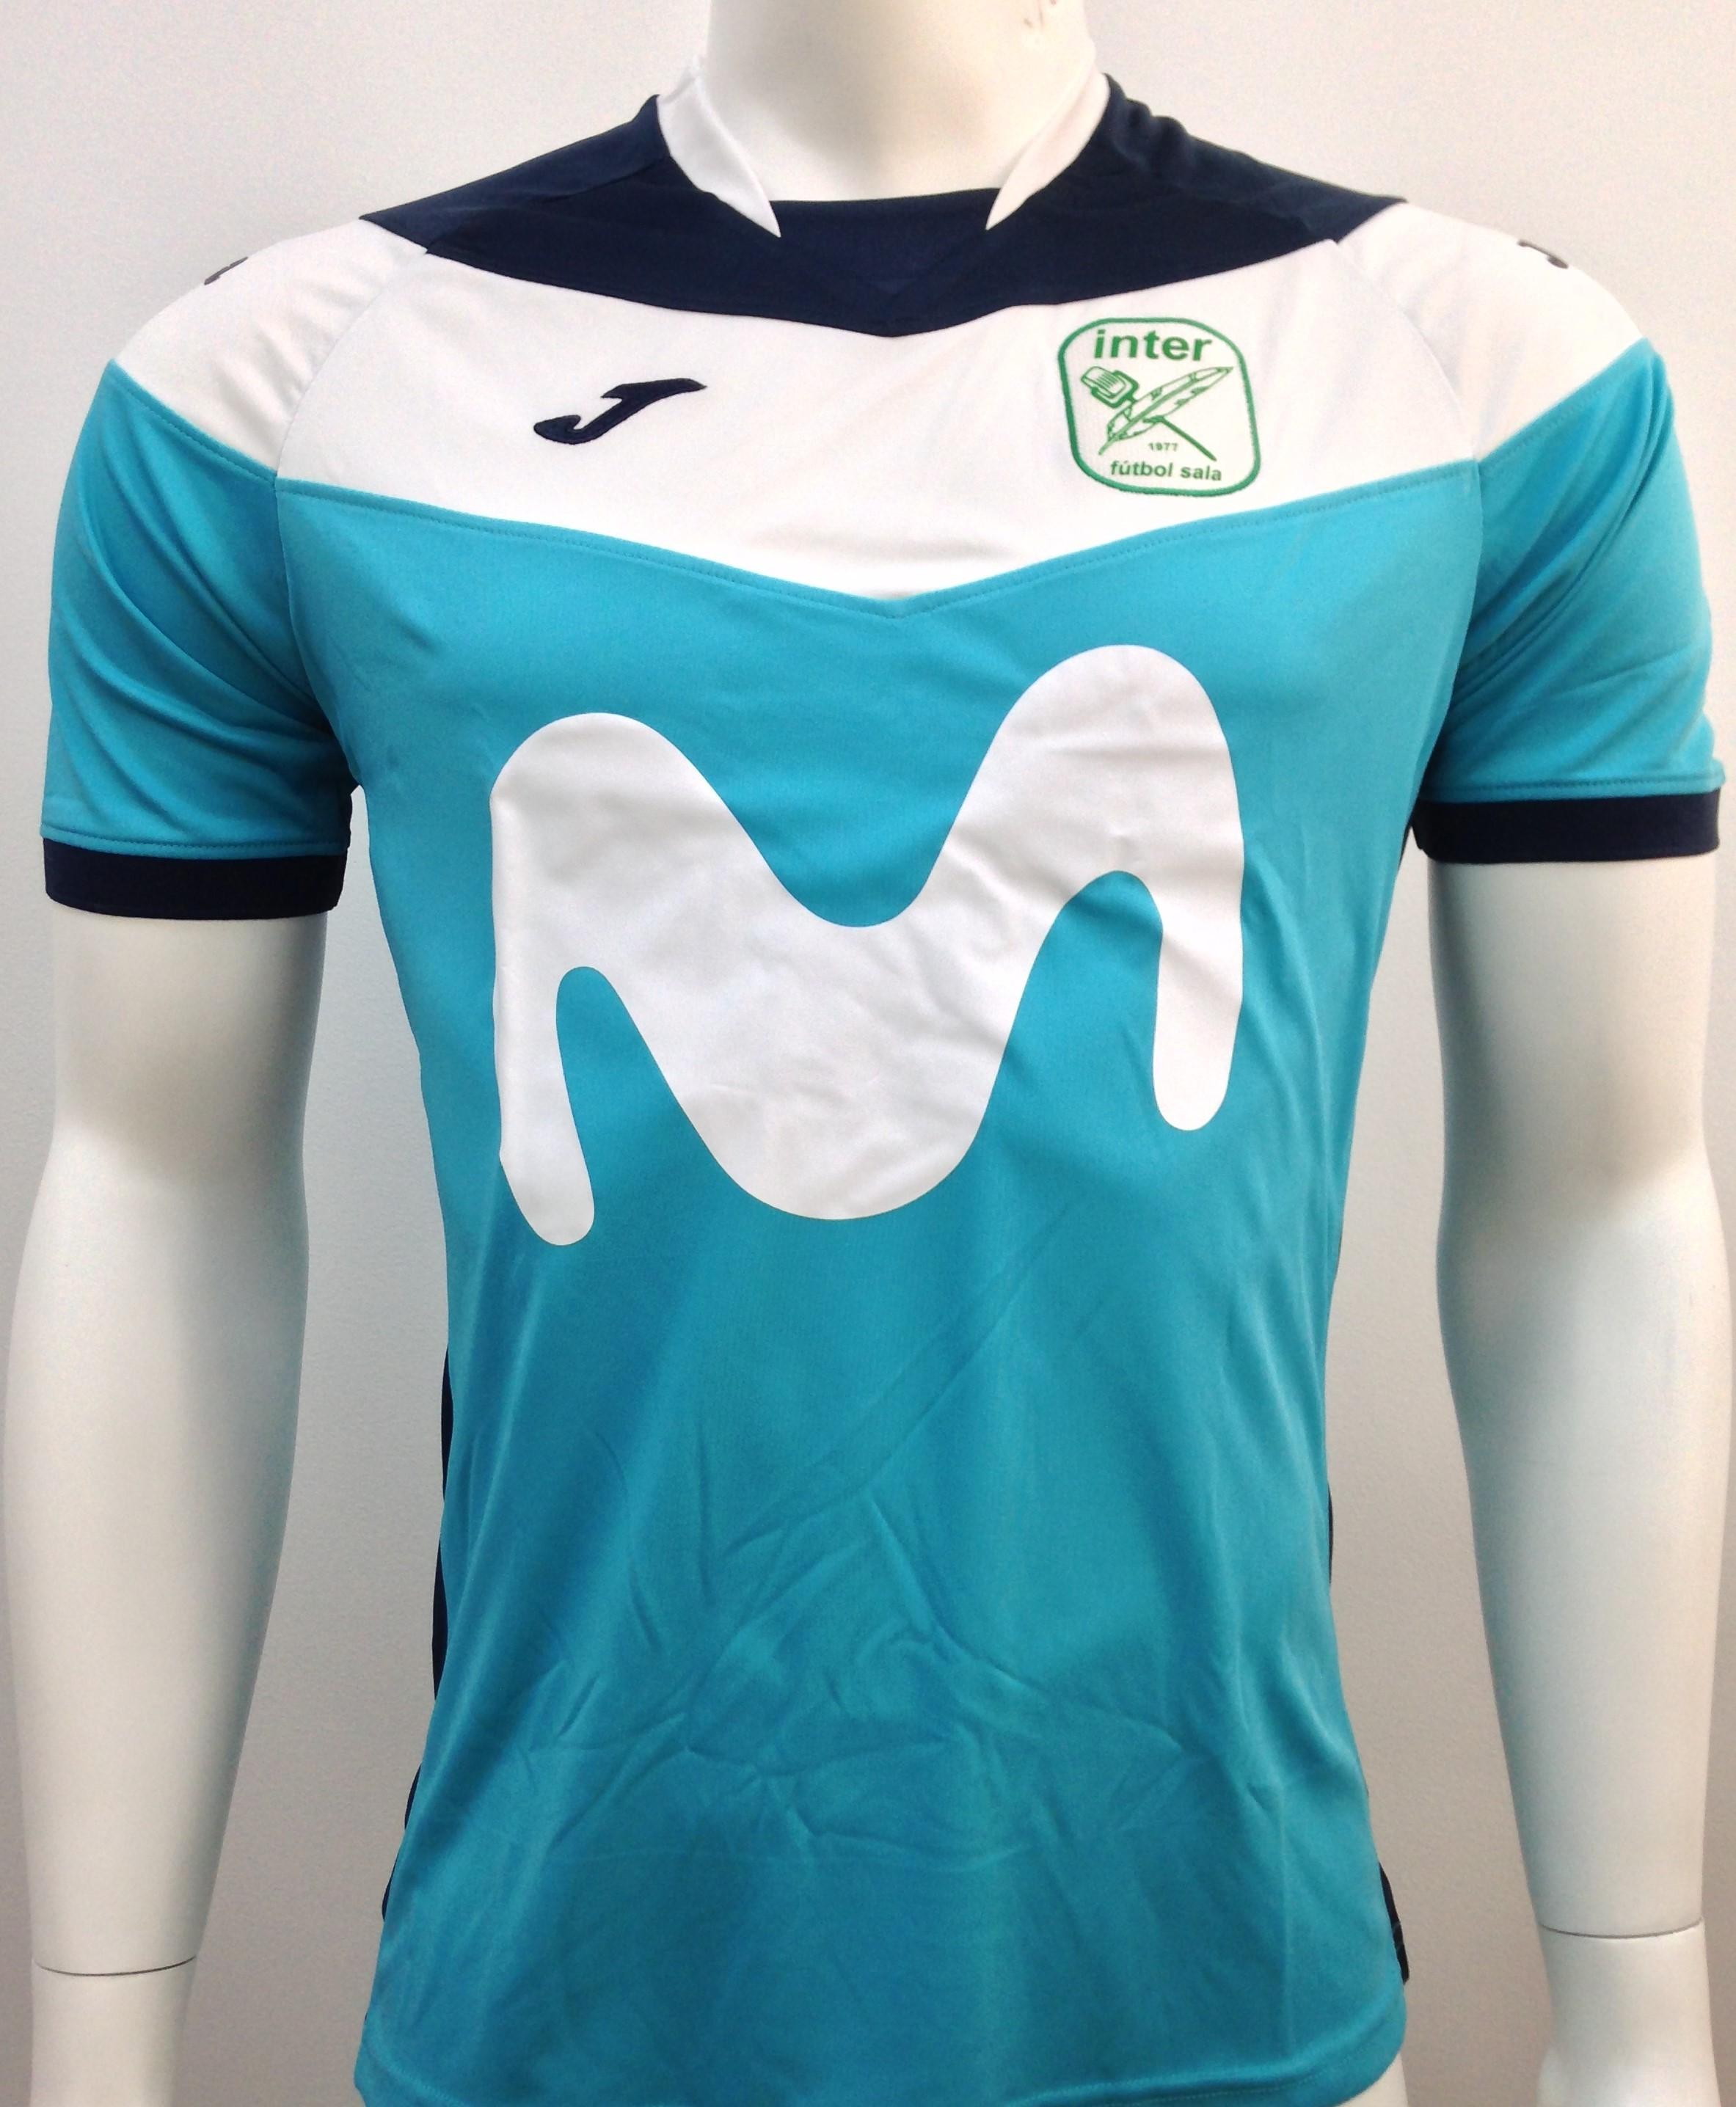 Camiseta Calentamiento 2018 2019 - Tienda Oficial InterMovistar Futbol Sala ac2a1623735ac